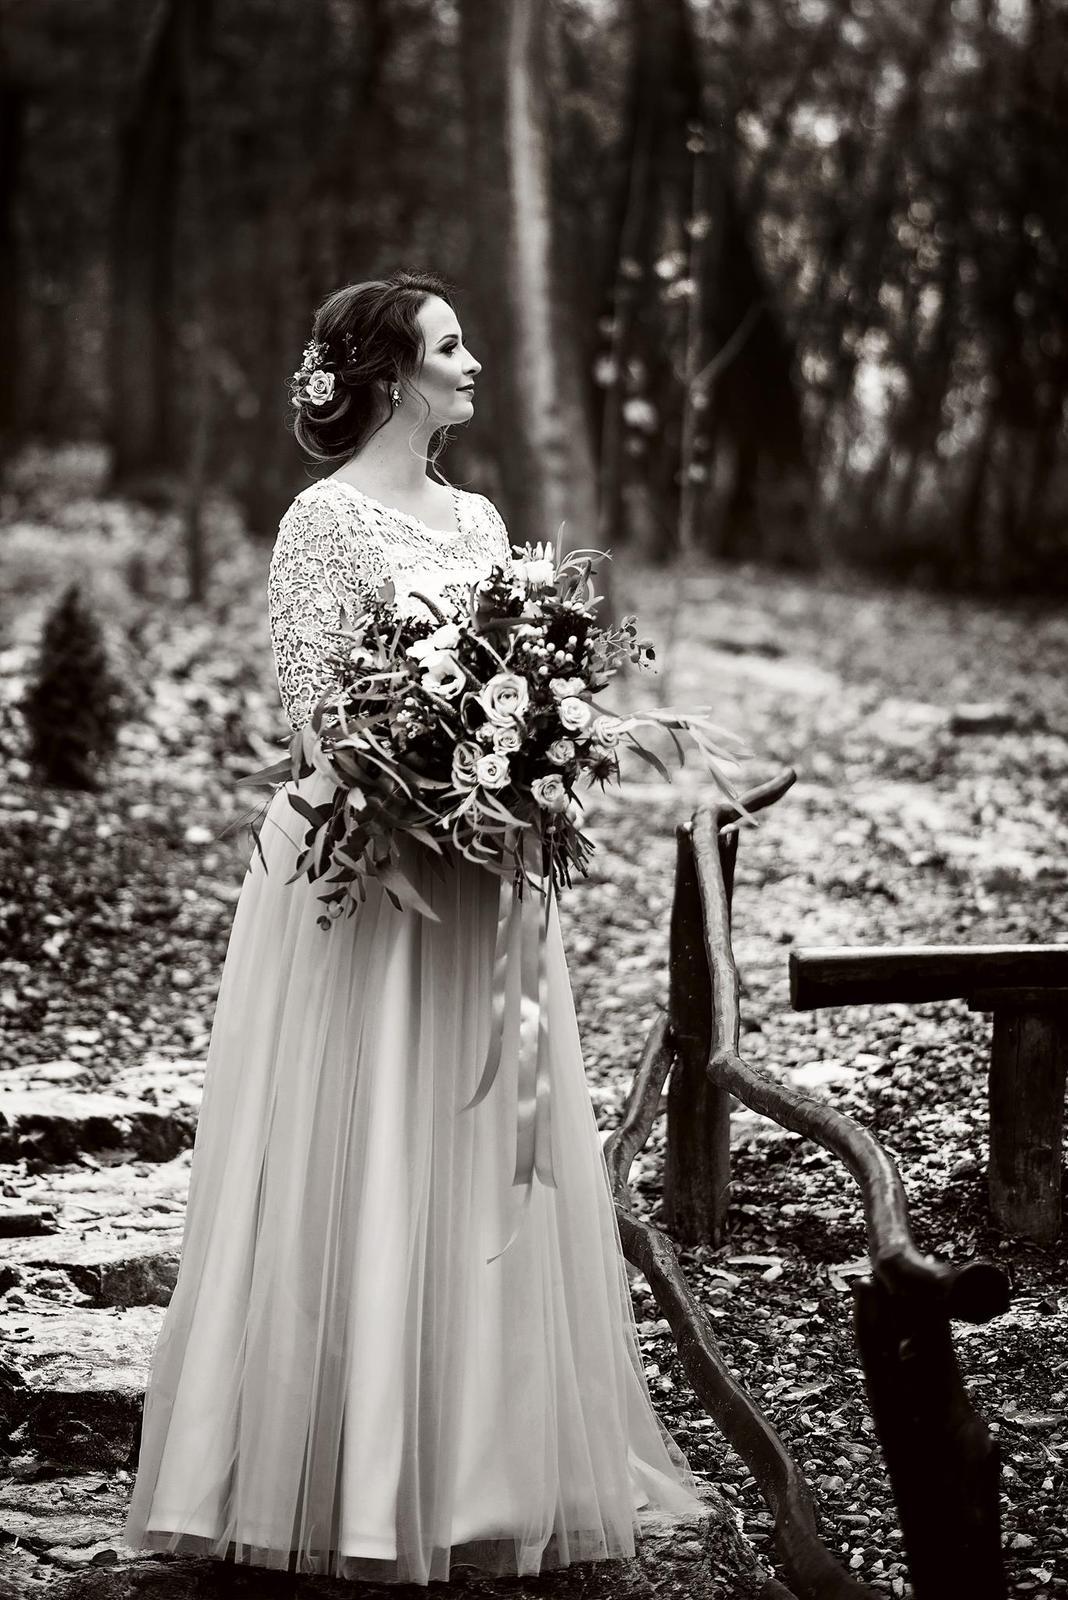 Moje svadobné fotografie - Obrázok č. 18